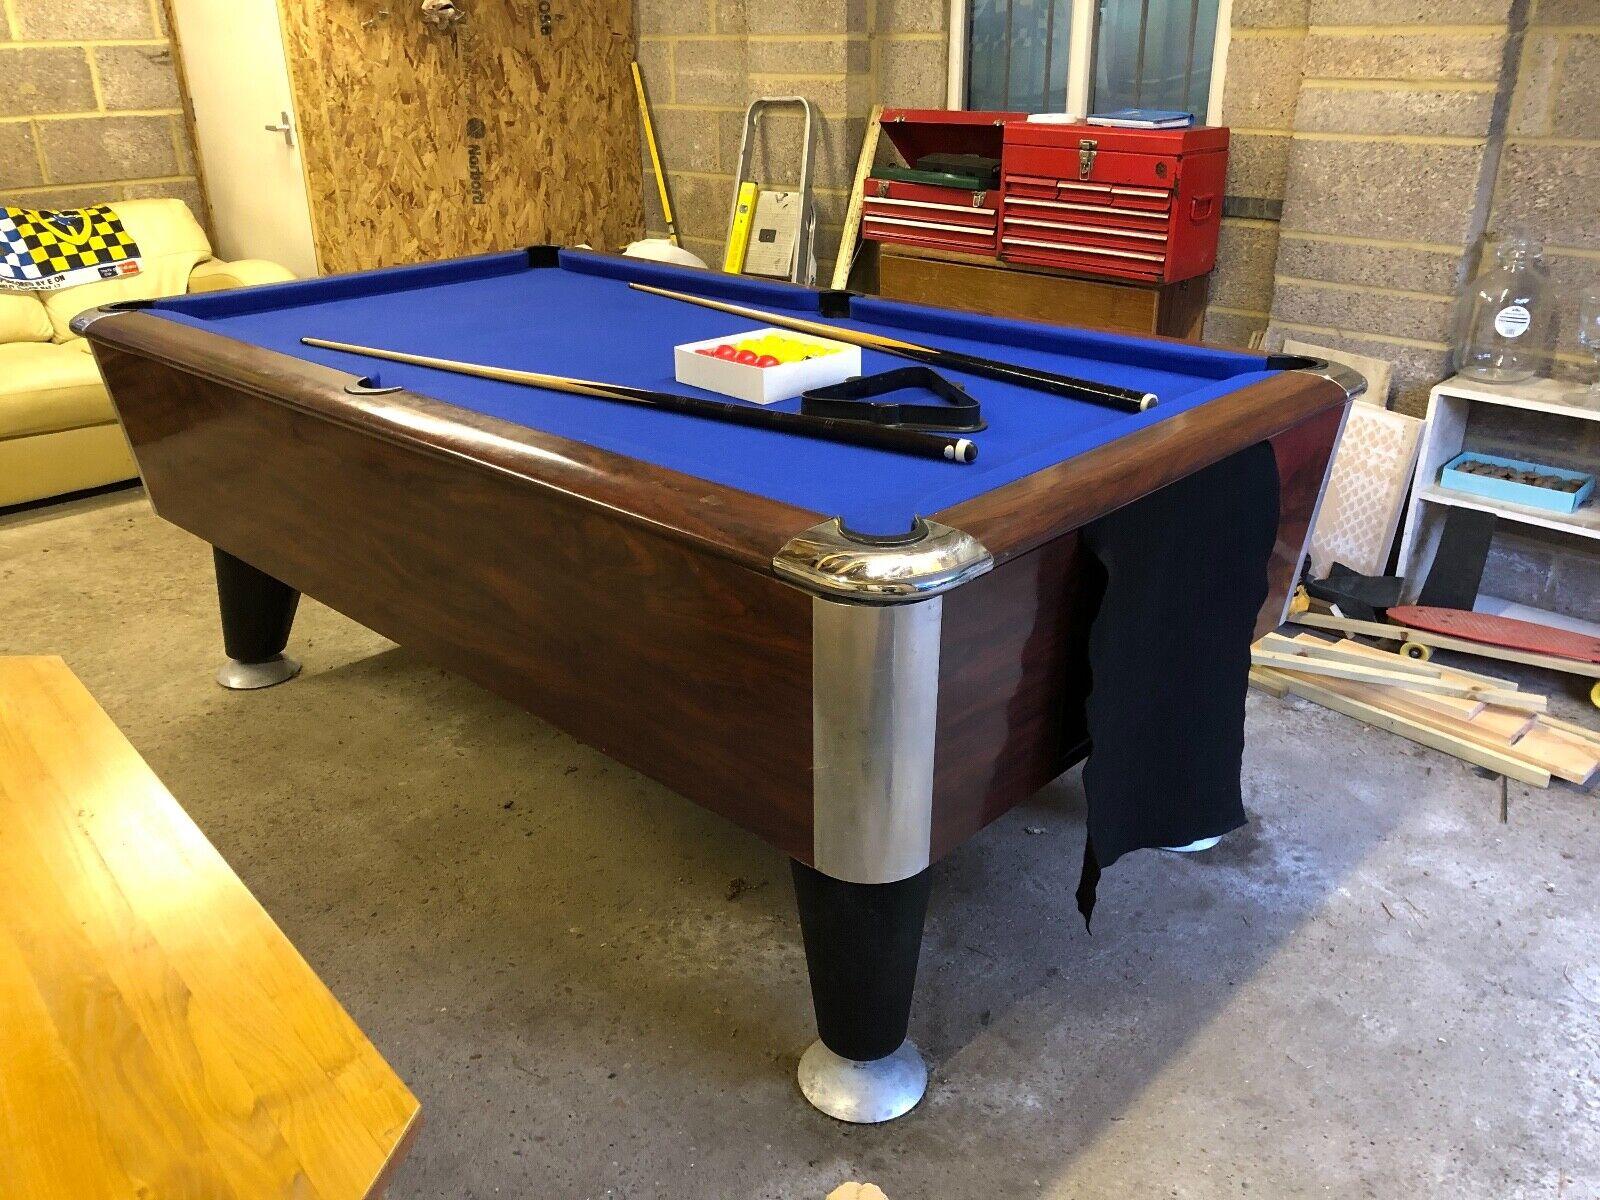 Sam Billiards Pool Table - 7ft x 4ft